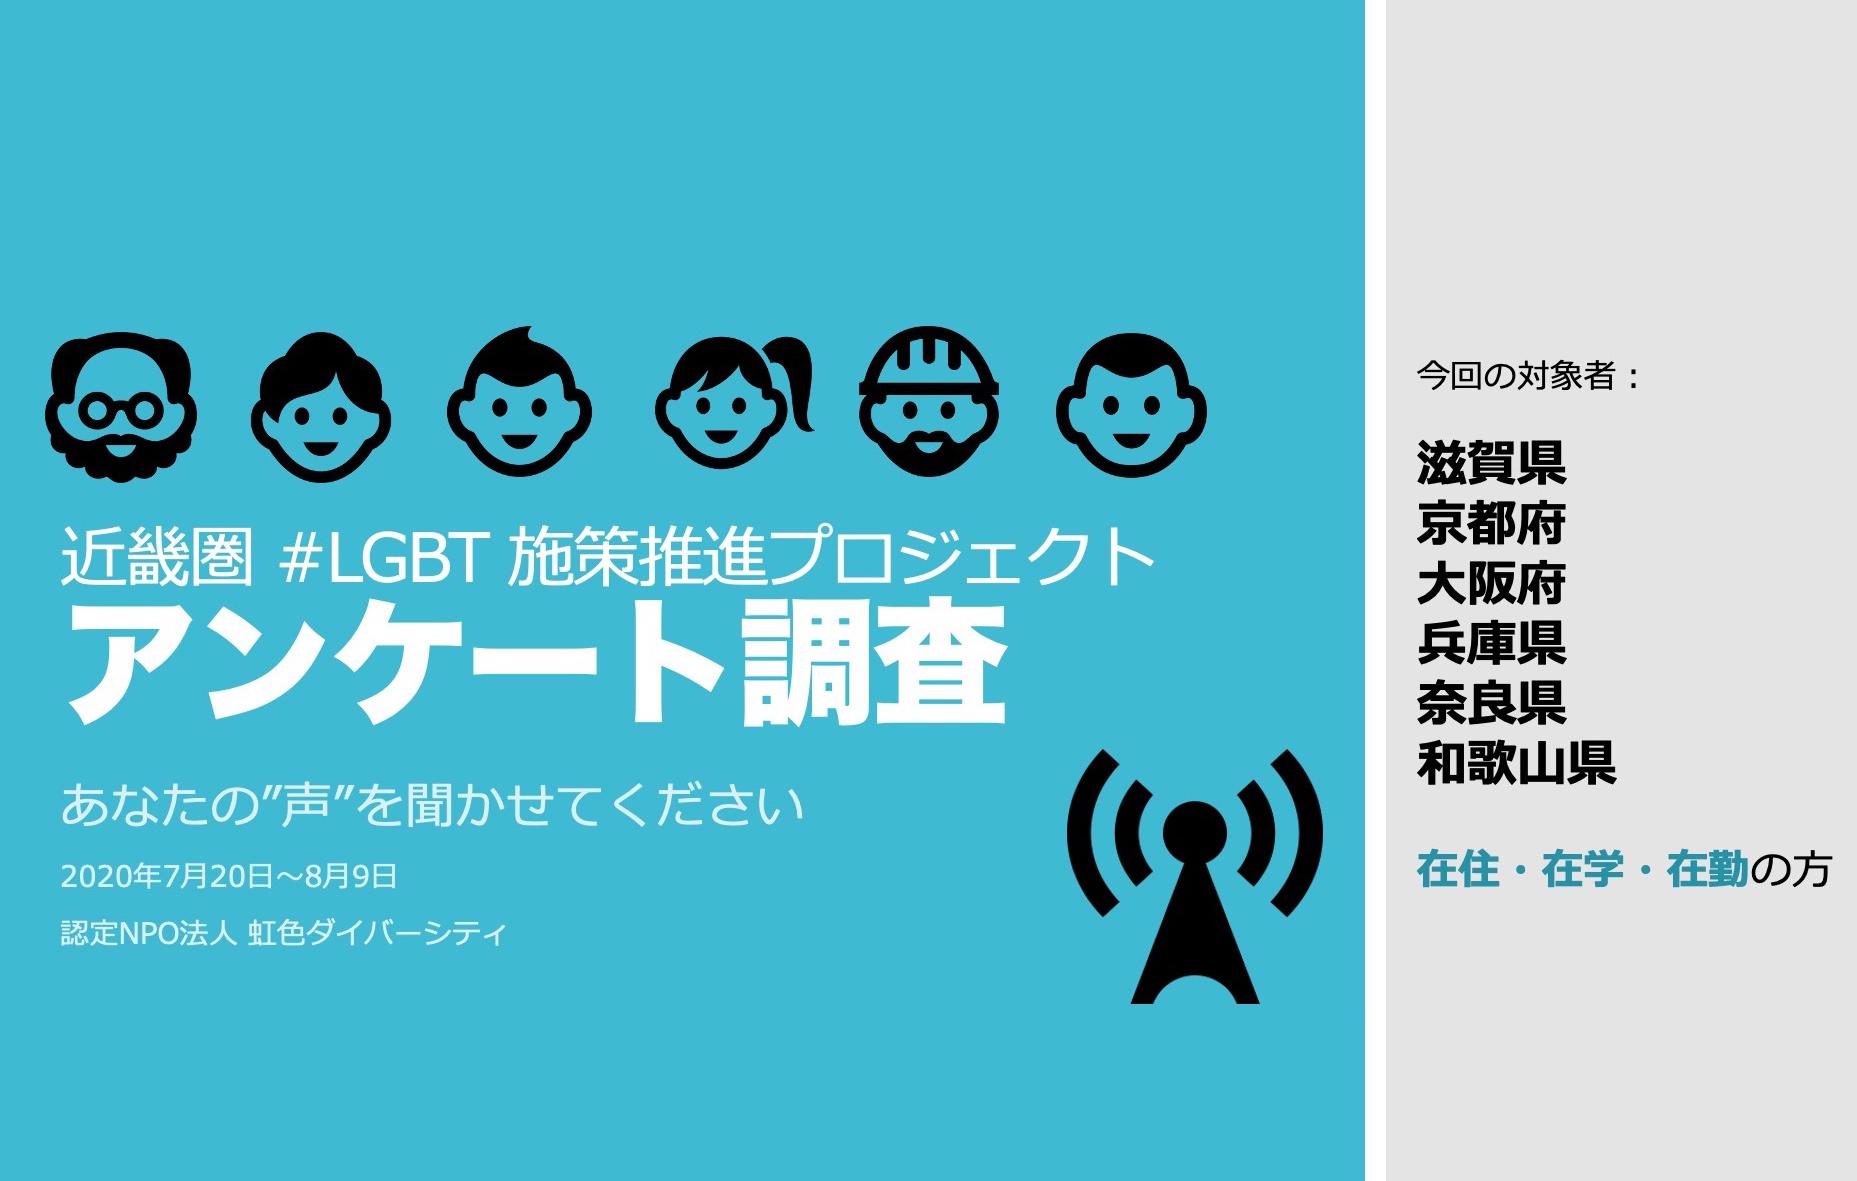 近畿圏LGBT施策推進プロジェクト